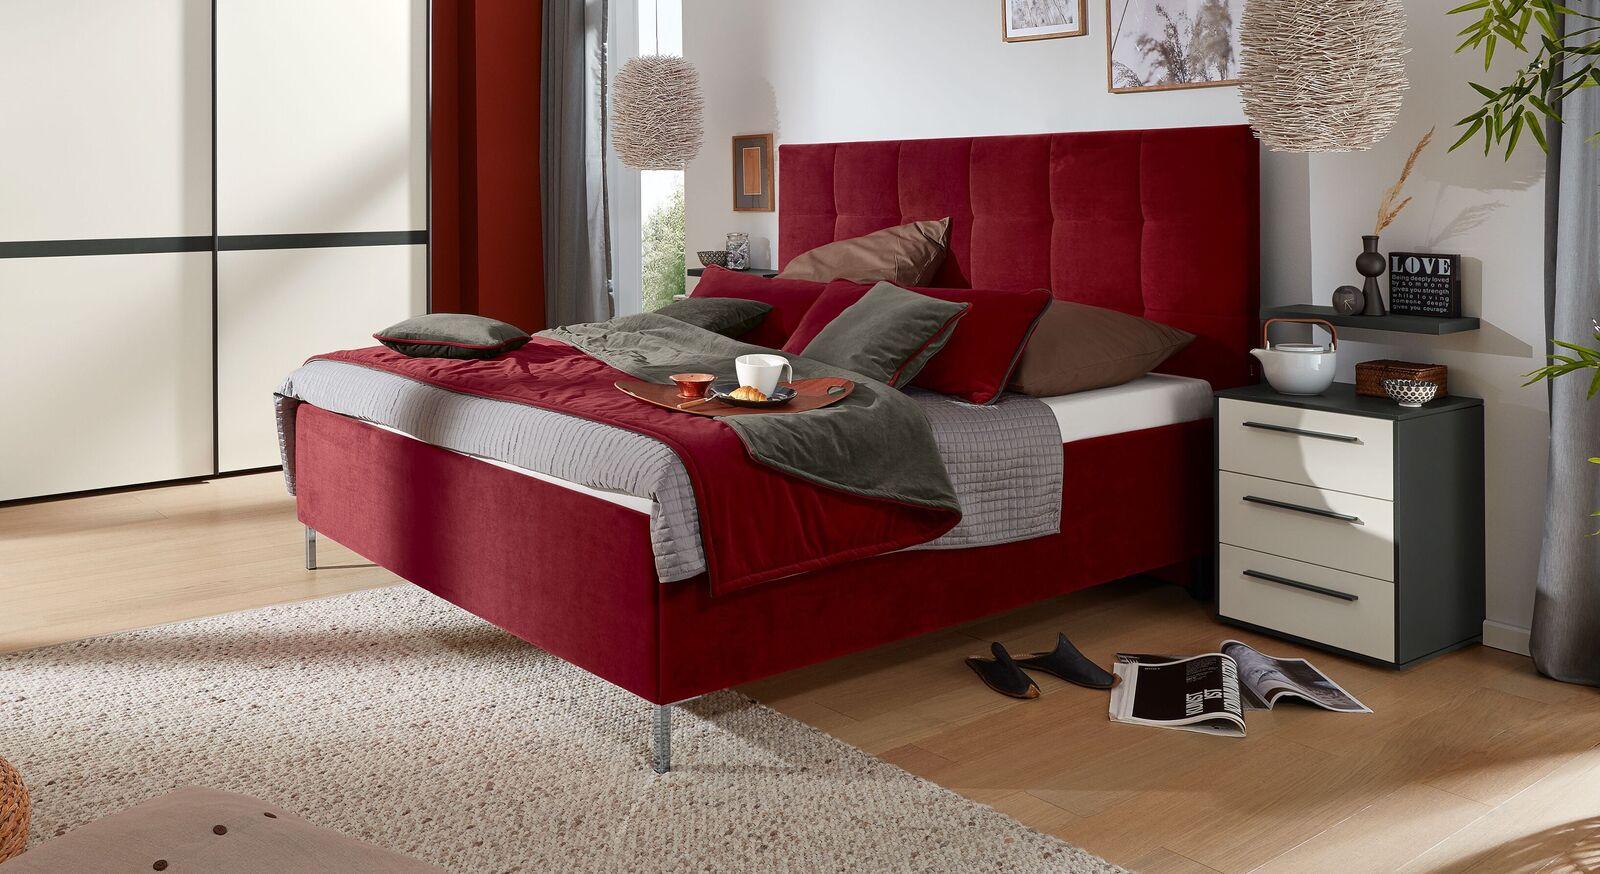 Hochwertiges MUSTERRING Bett Epos mit Kopfteil in Quadratsteppung